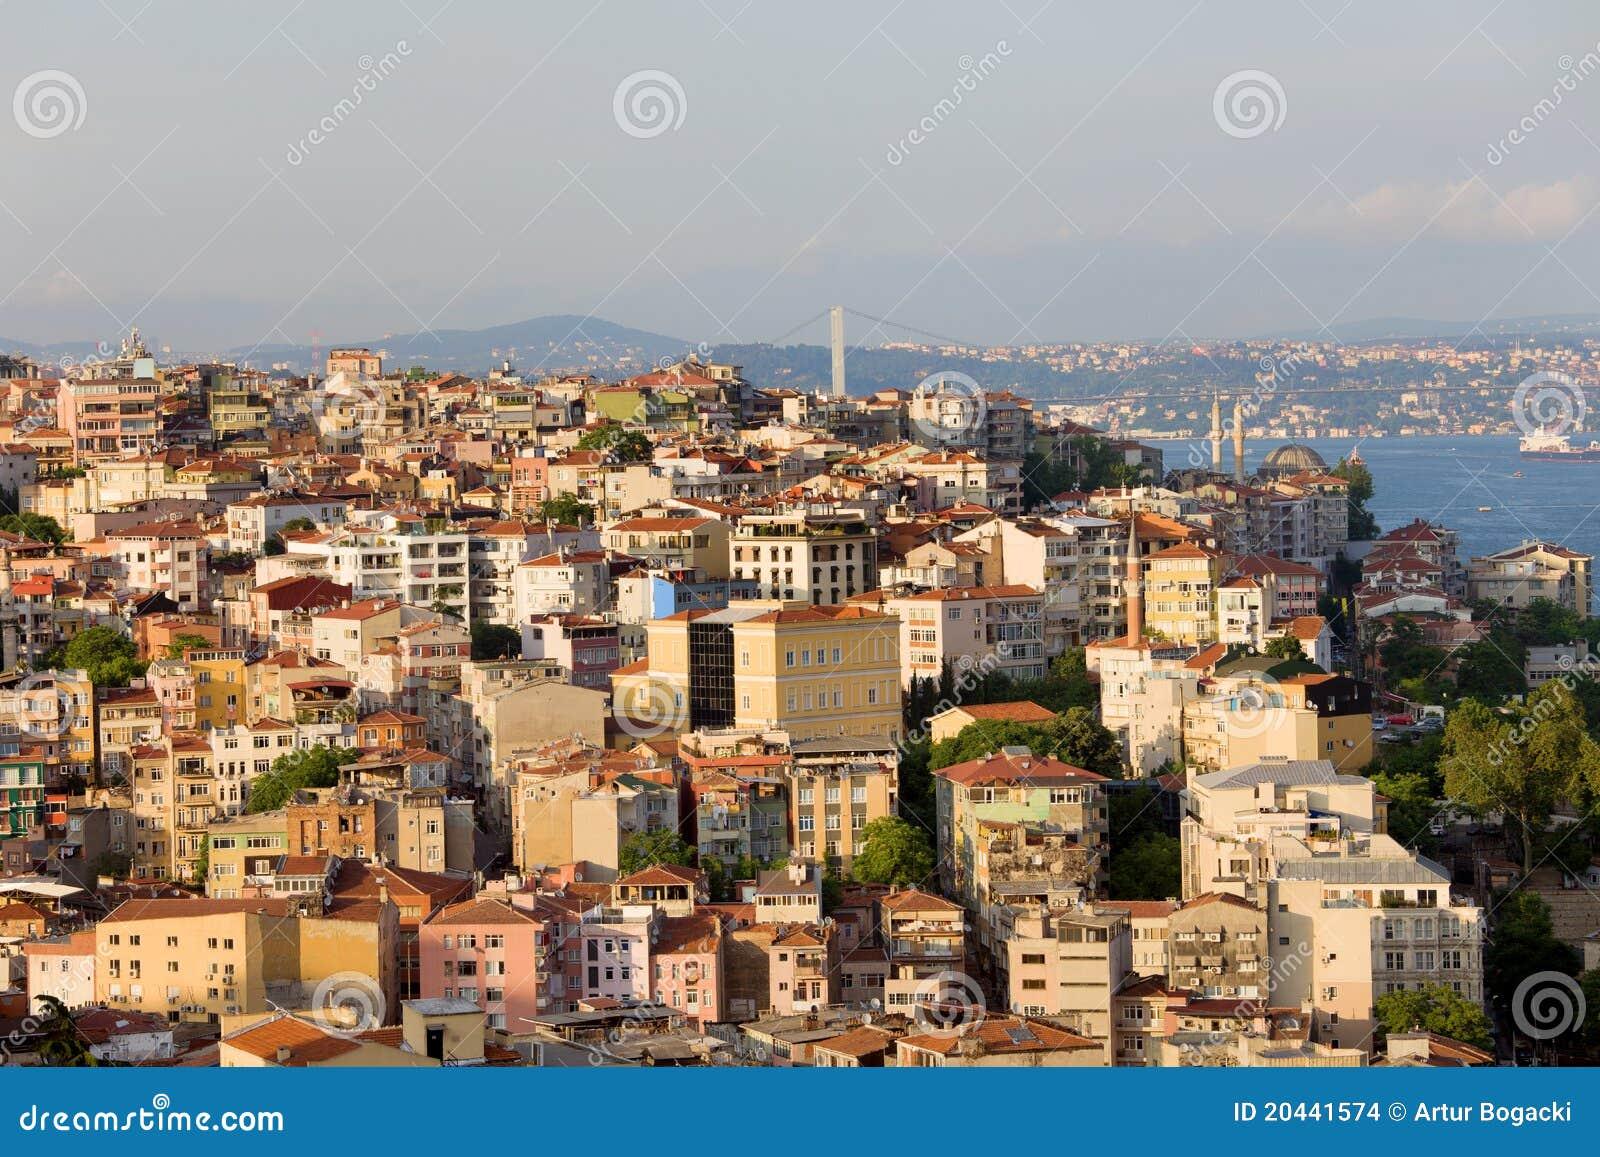 заречье istanbul beyoglu